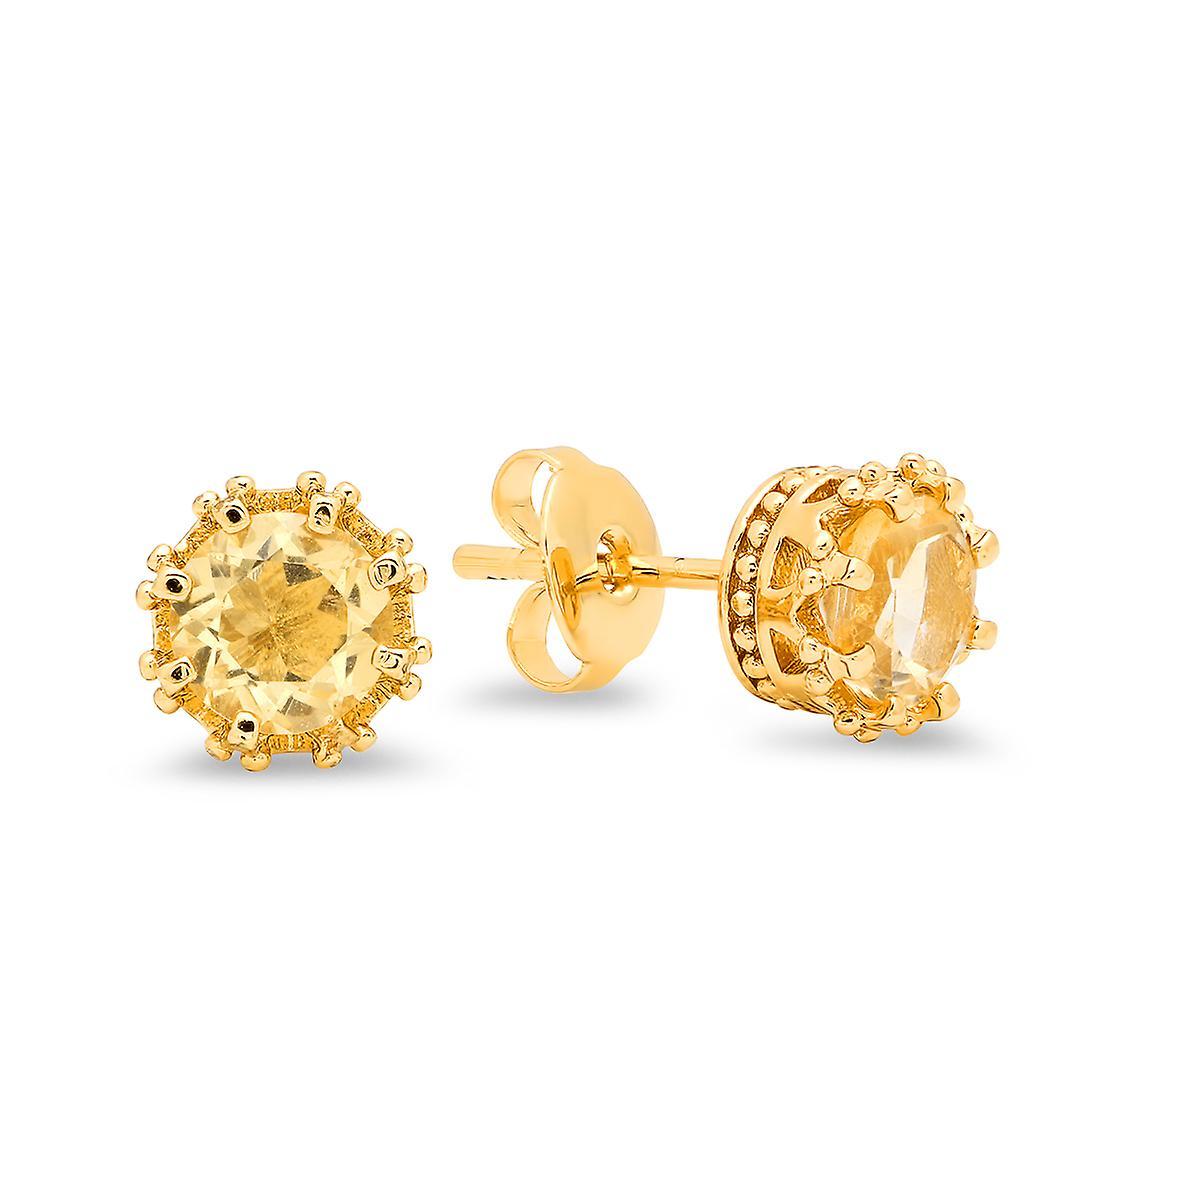 Ladies 18K Gold Plated Stud Earrings